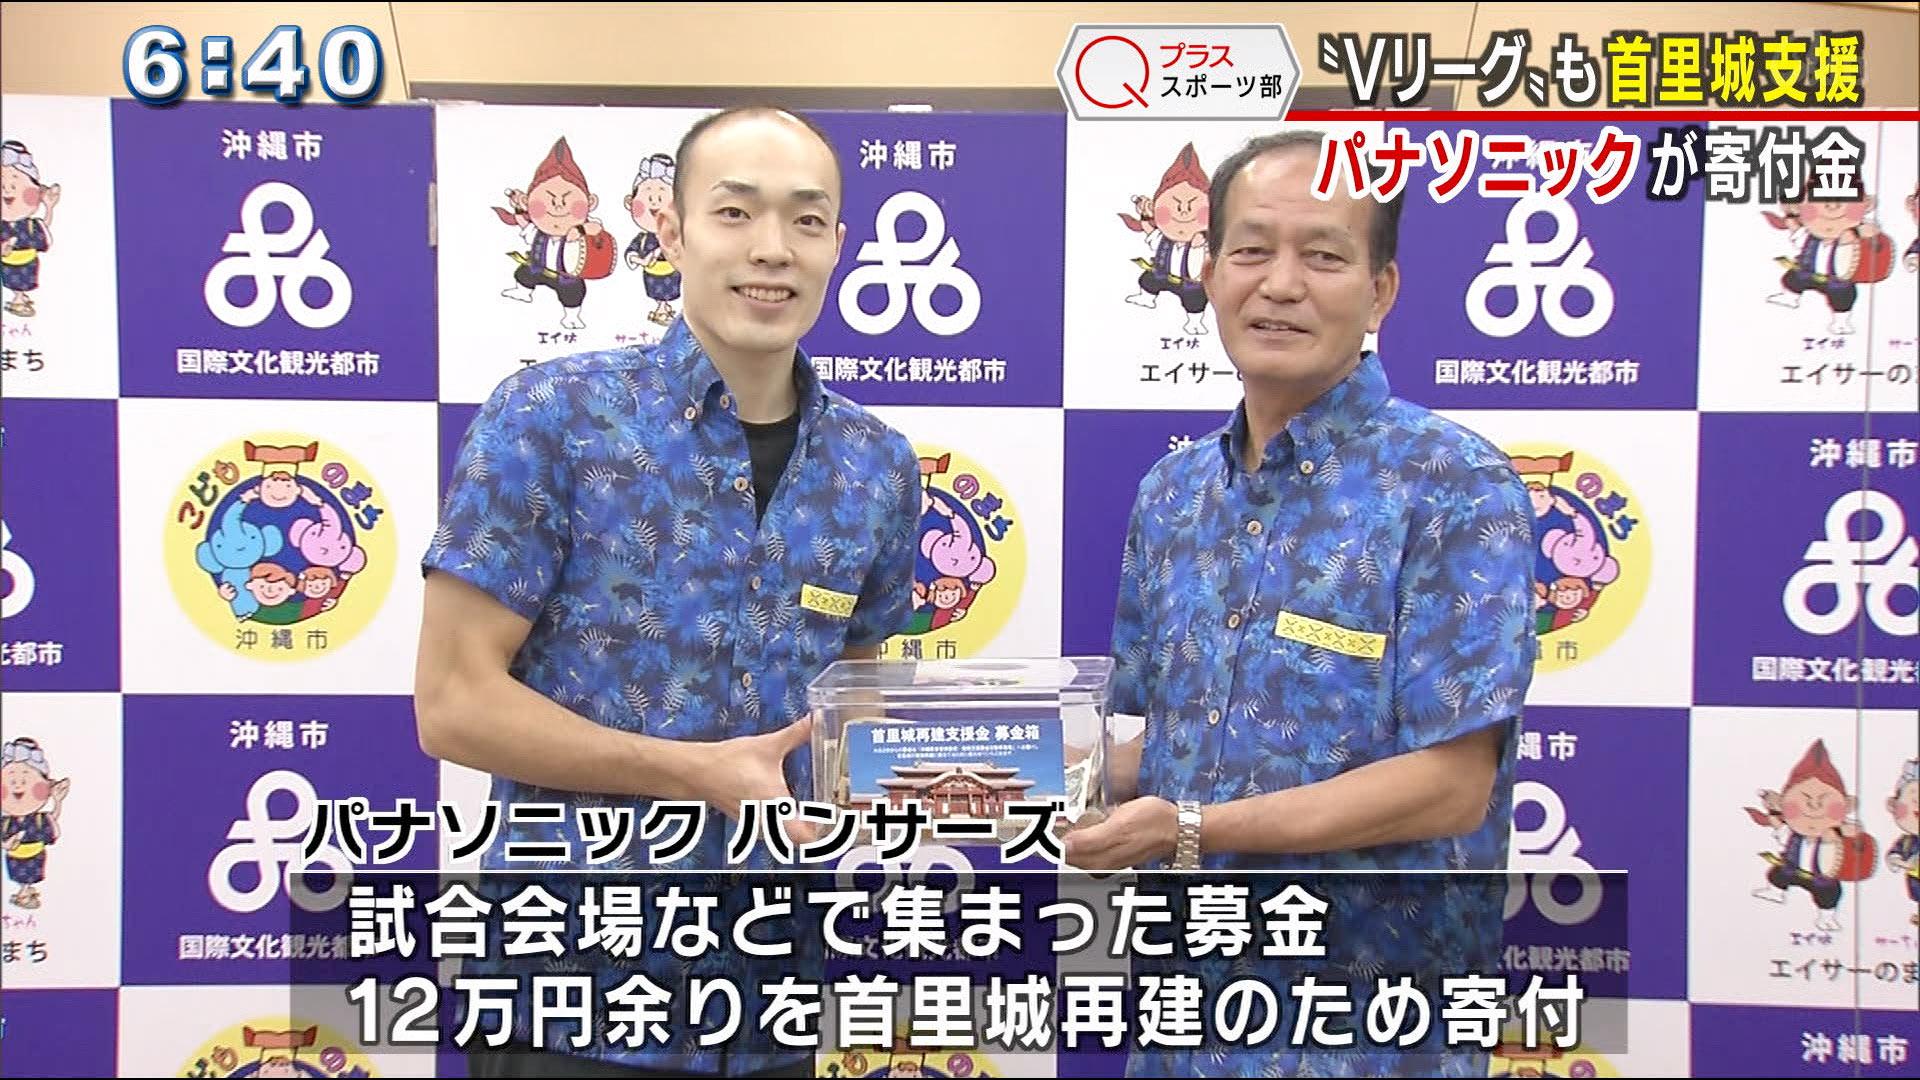 首里城再建に向け試合会場などチームで集めた募金12万円あまりを市に贈呈